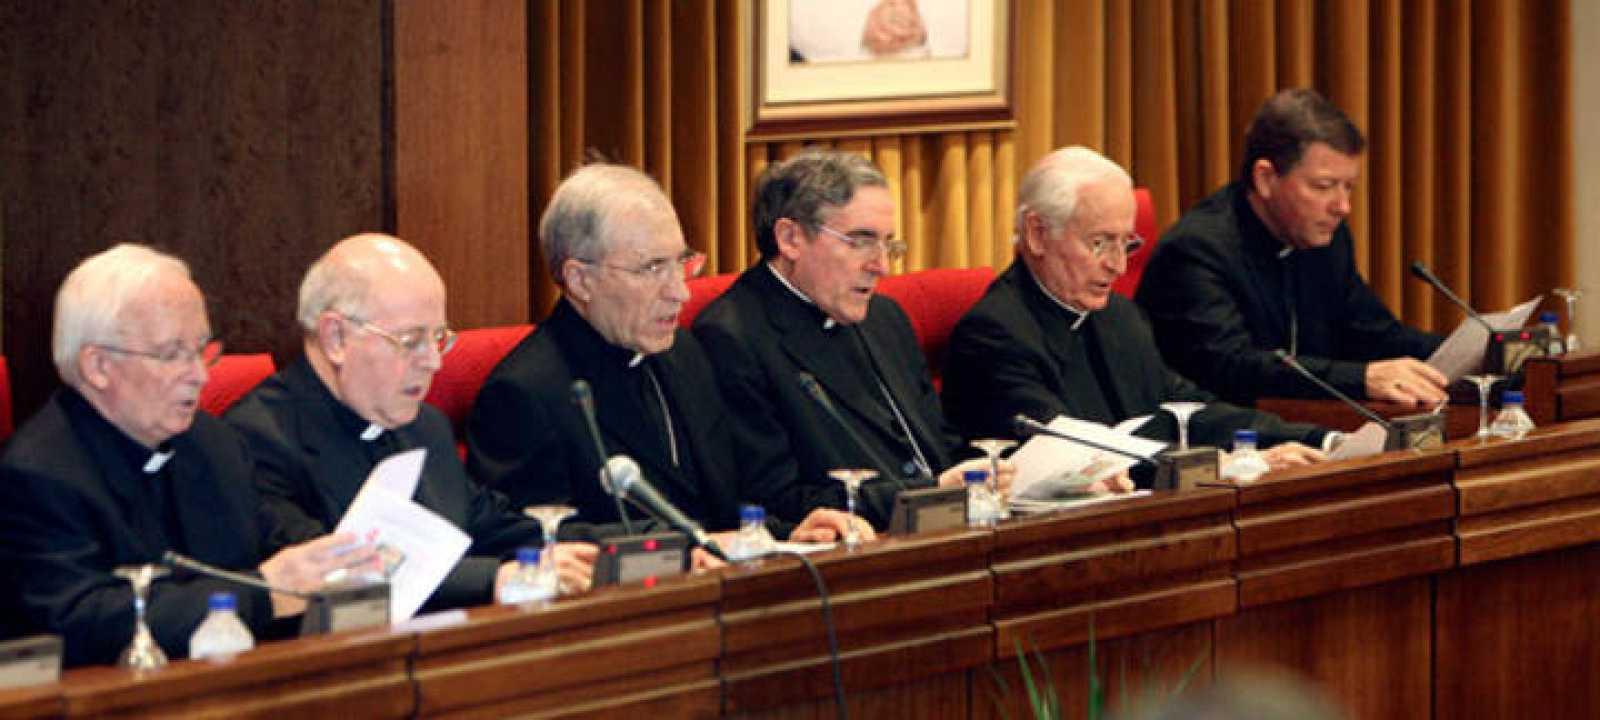 Los obispos se reúnen para elegir presidente